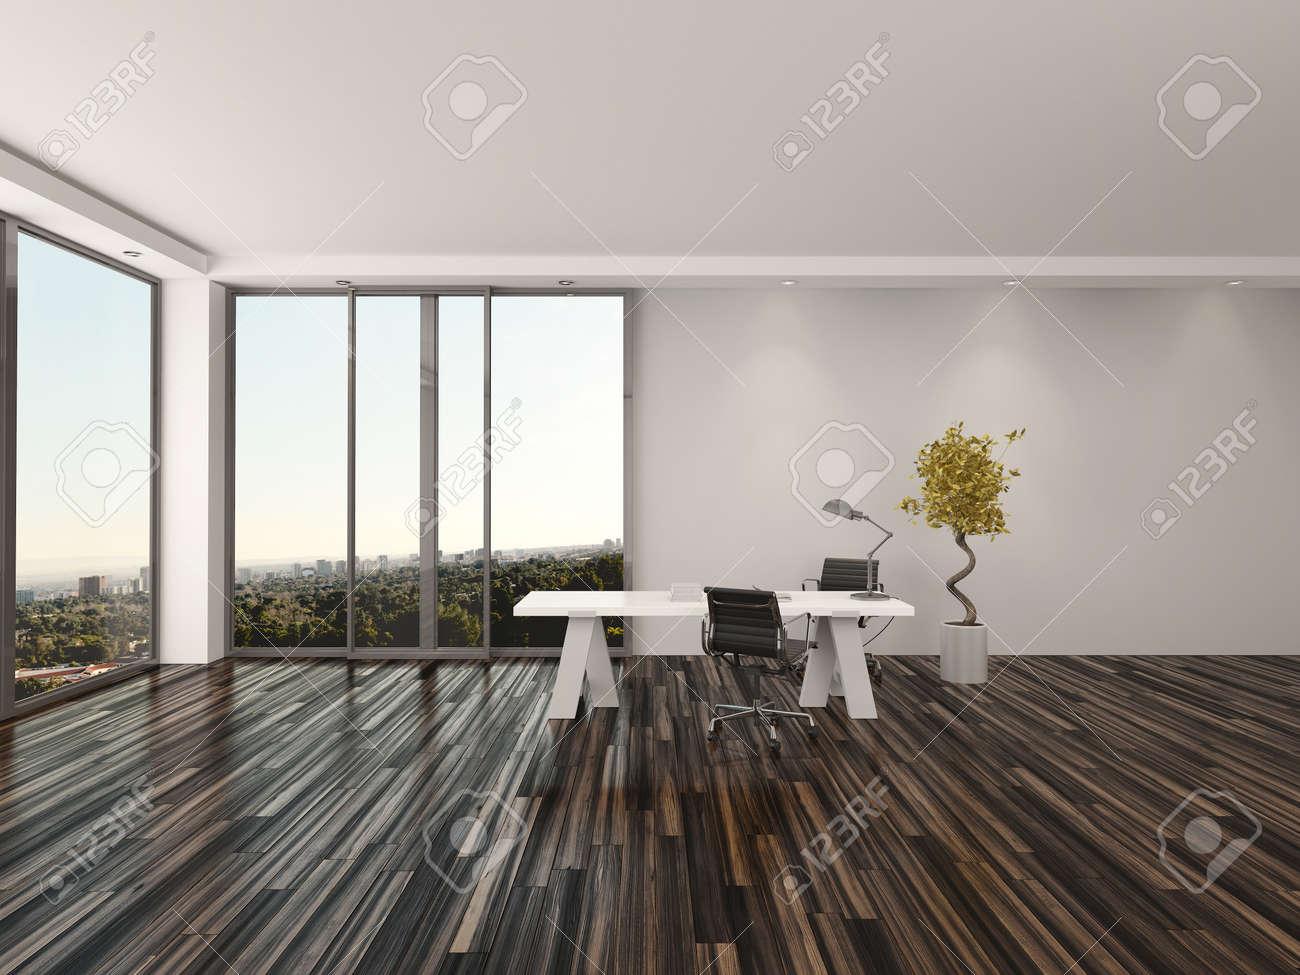 Moderne Büro Zu Hause Interior Design Mit Zwei Bürostühle Auf Beiden ...